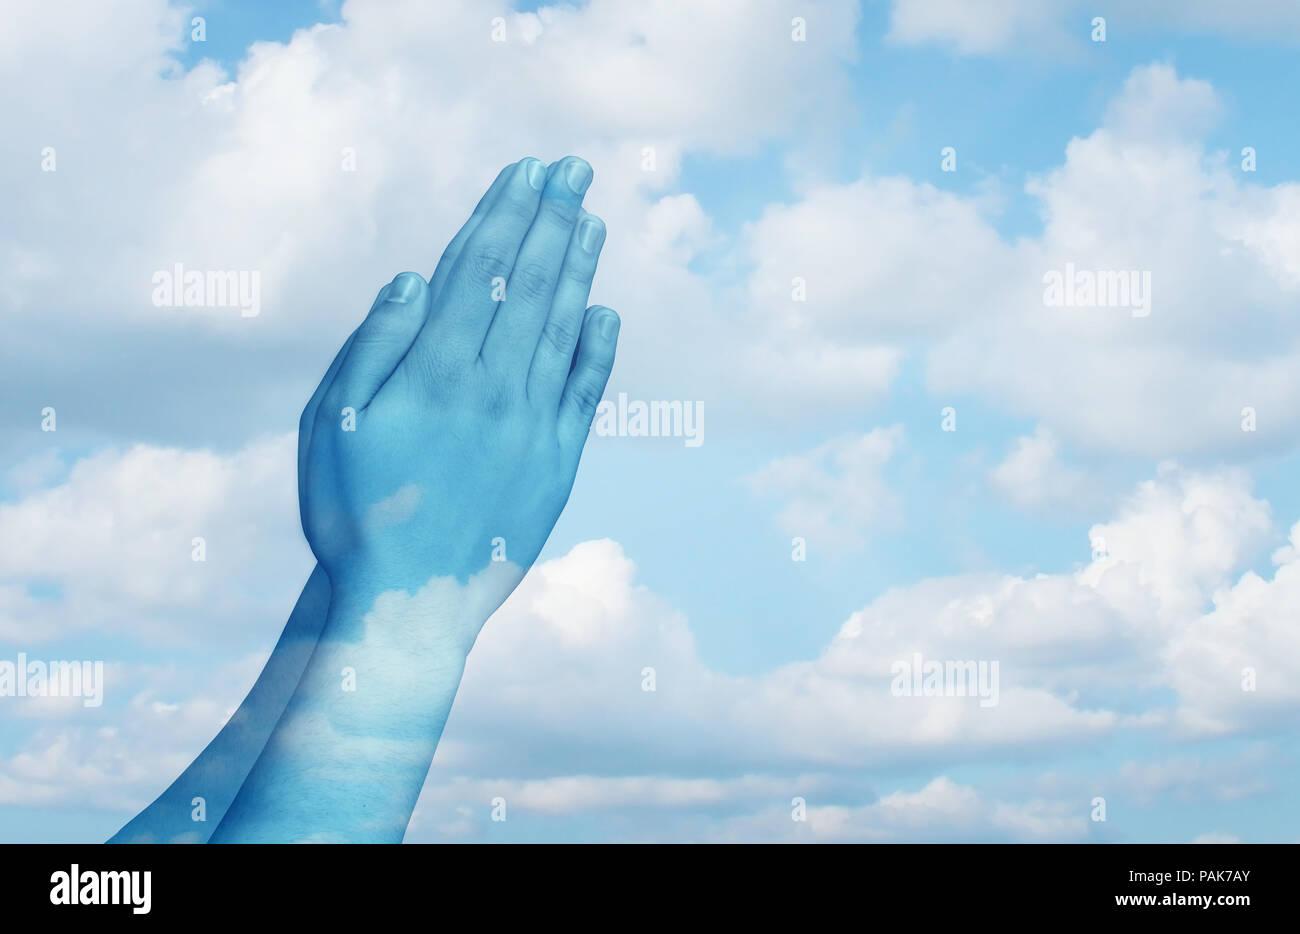 Orando y del concepto de la vida espiritual como manos en el culto en un fondo del cielo como un símbolo para la fe y la espiritualidad en la religión. Imagen De Stock